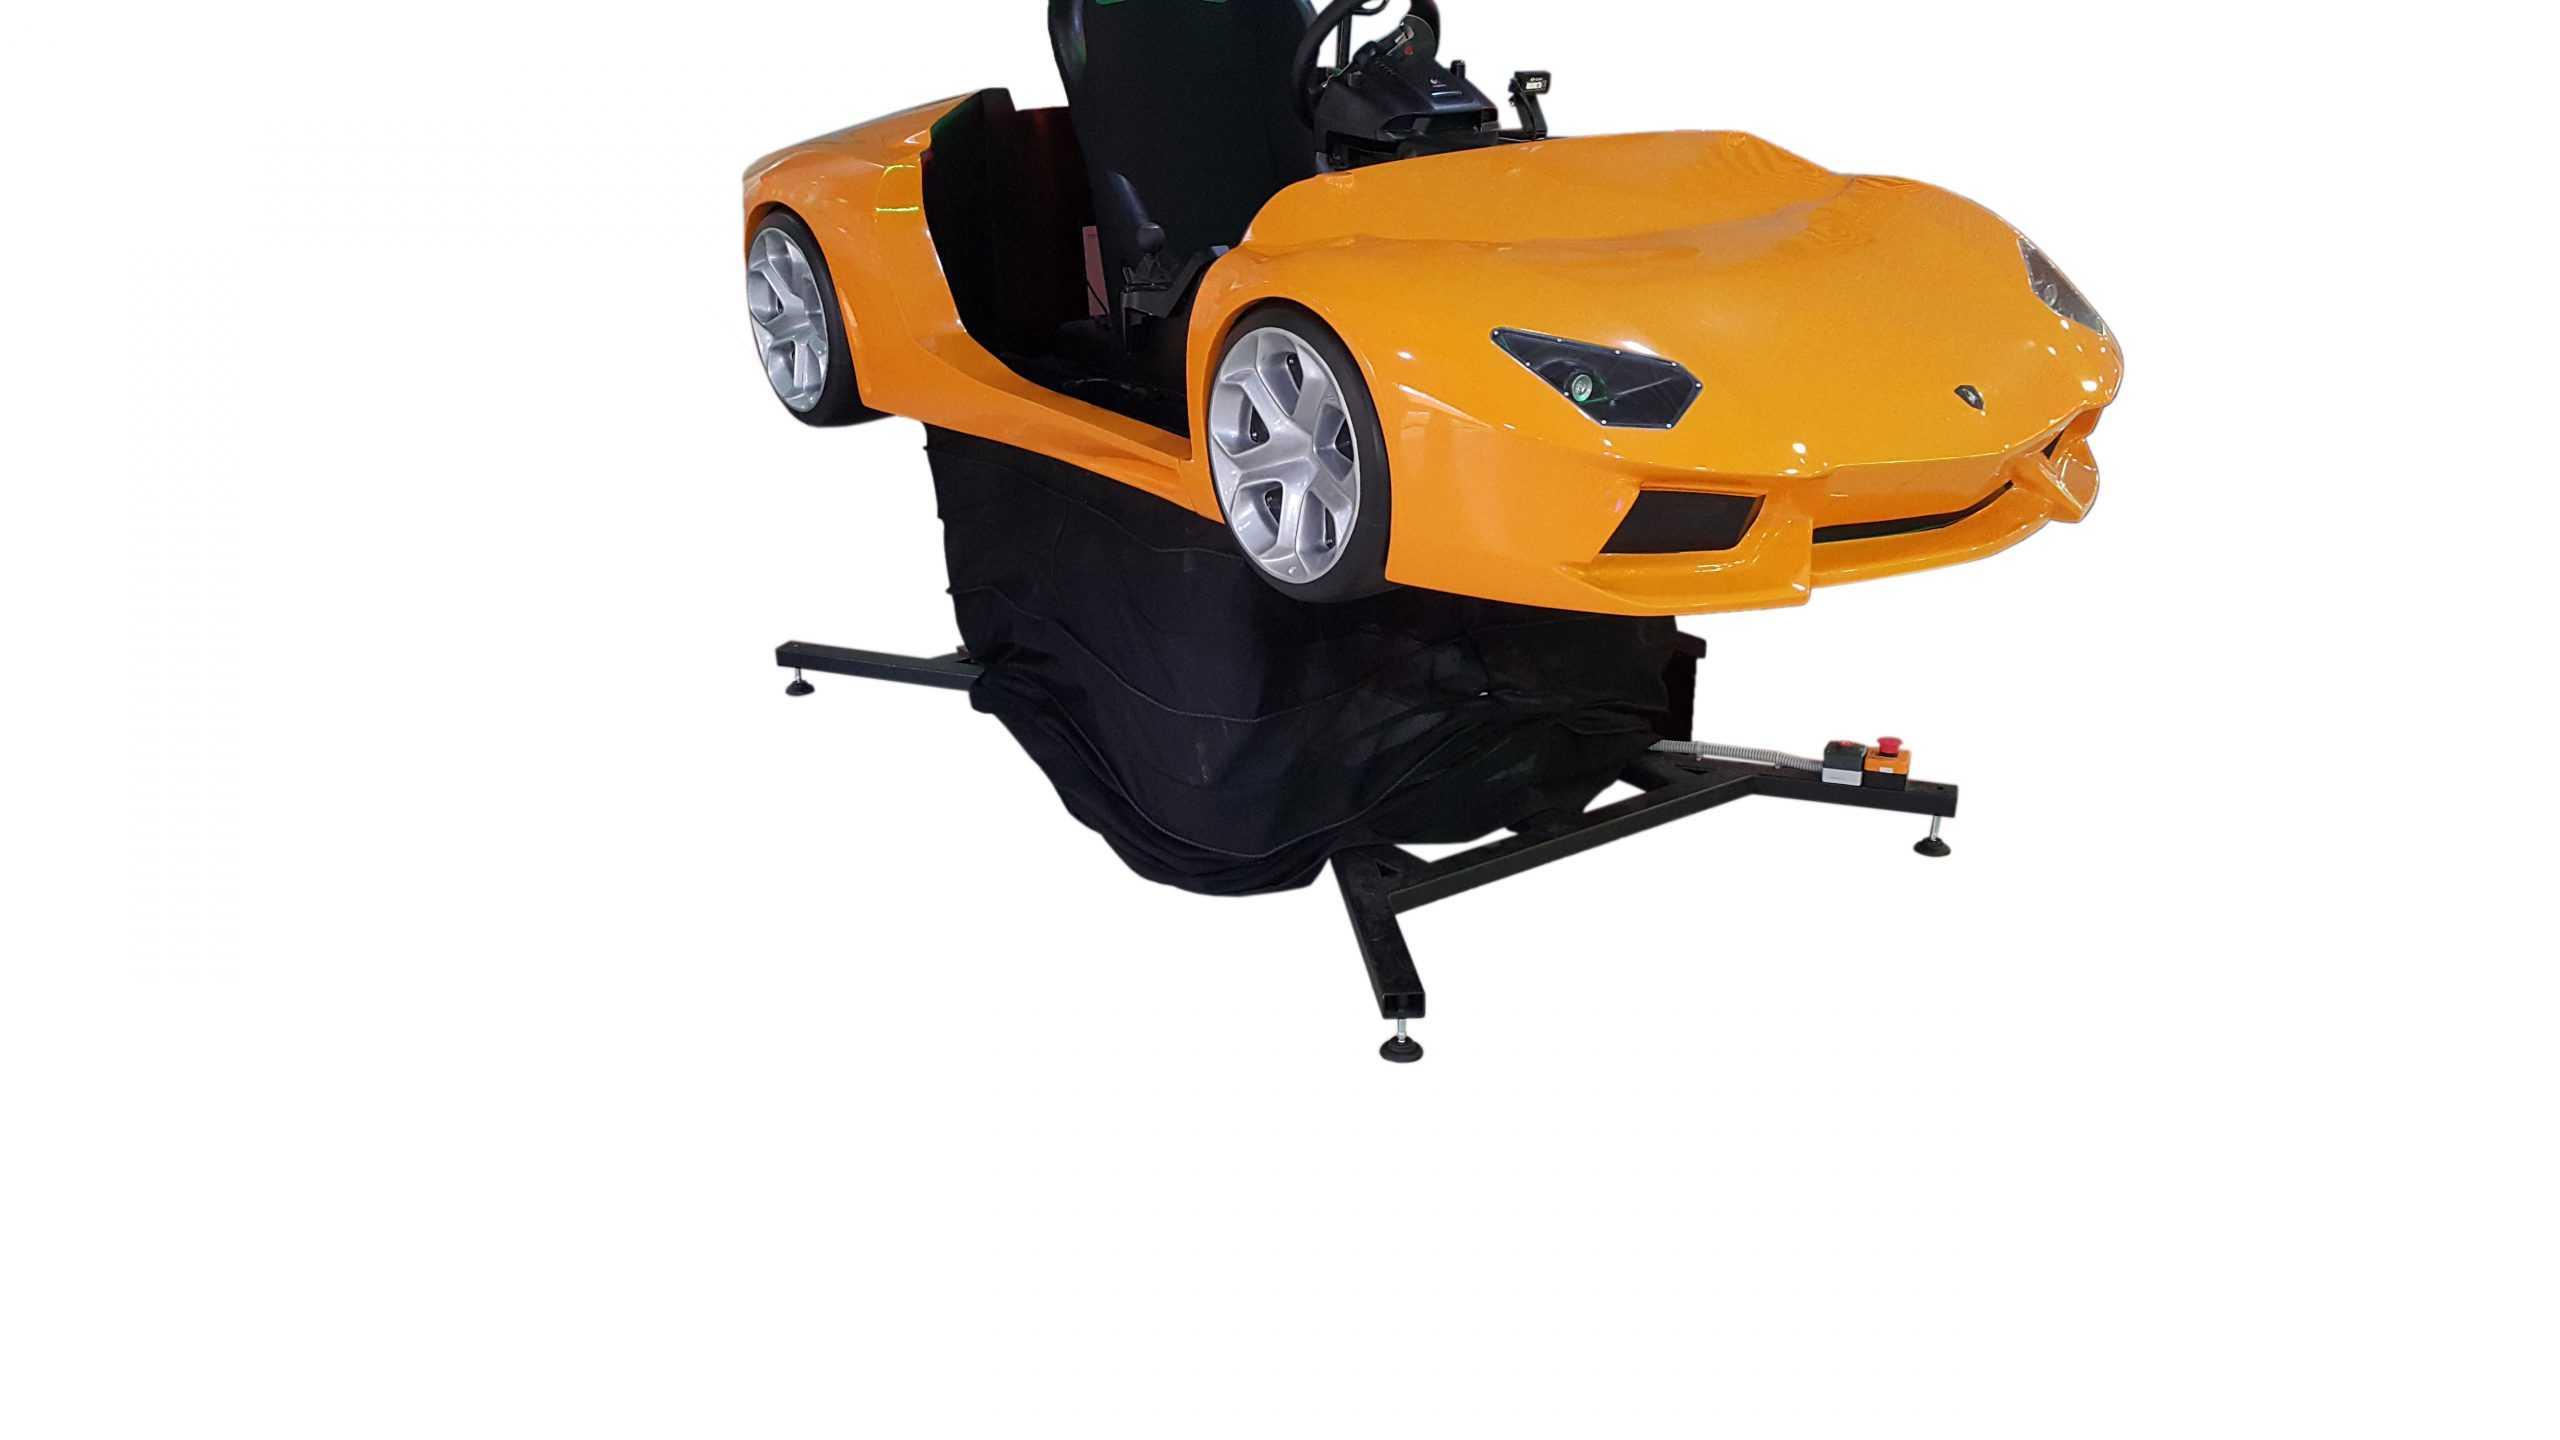 Lambo_2 Full motion racing simulator 2dof, 3dof,4dof,6dof motion platform